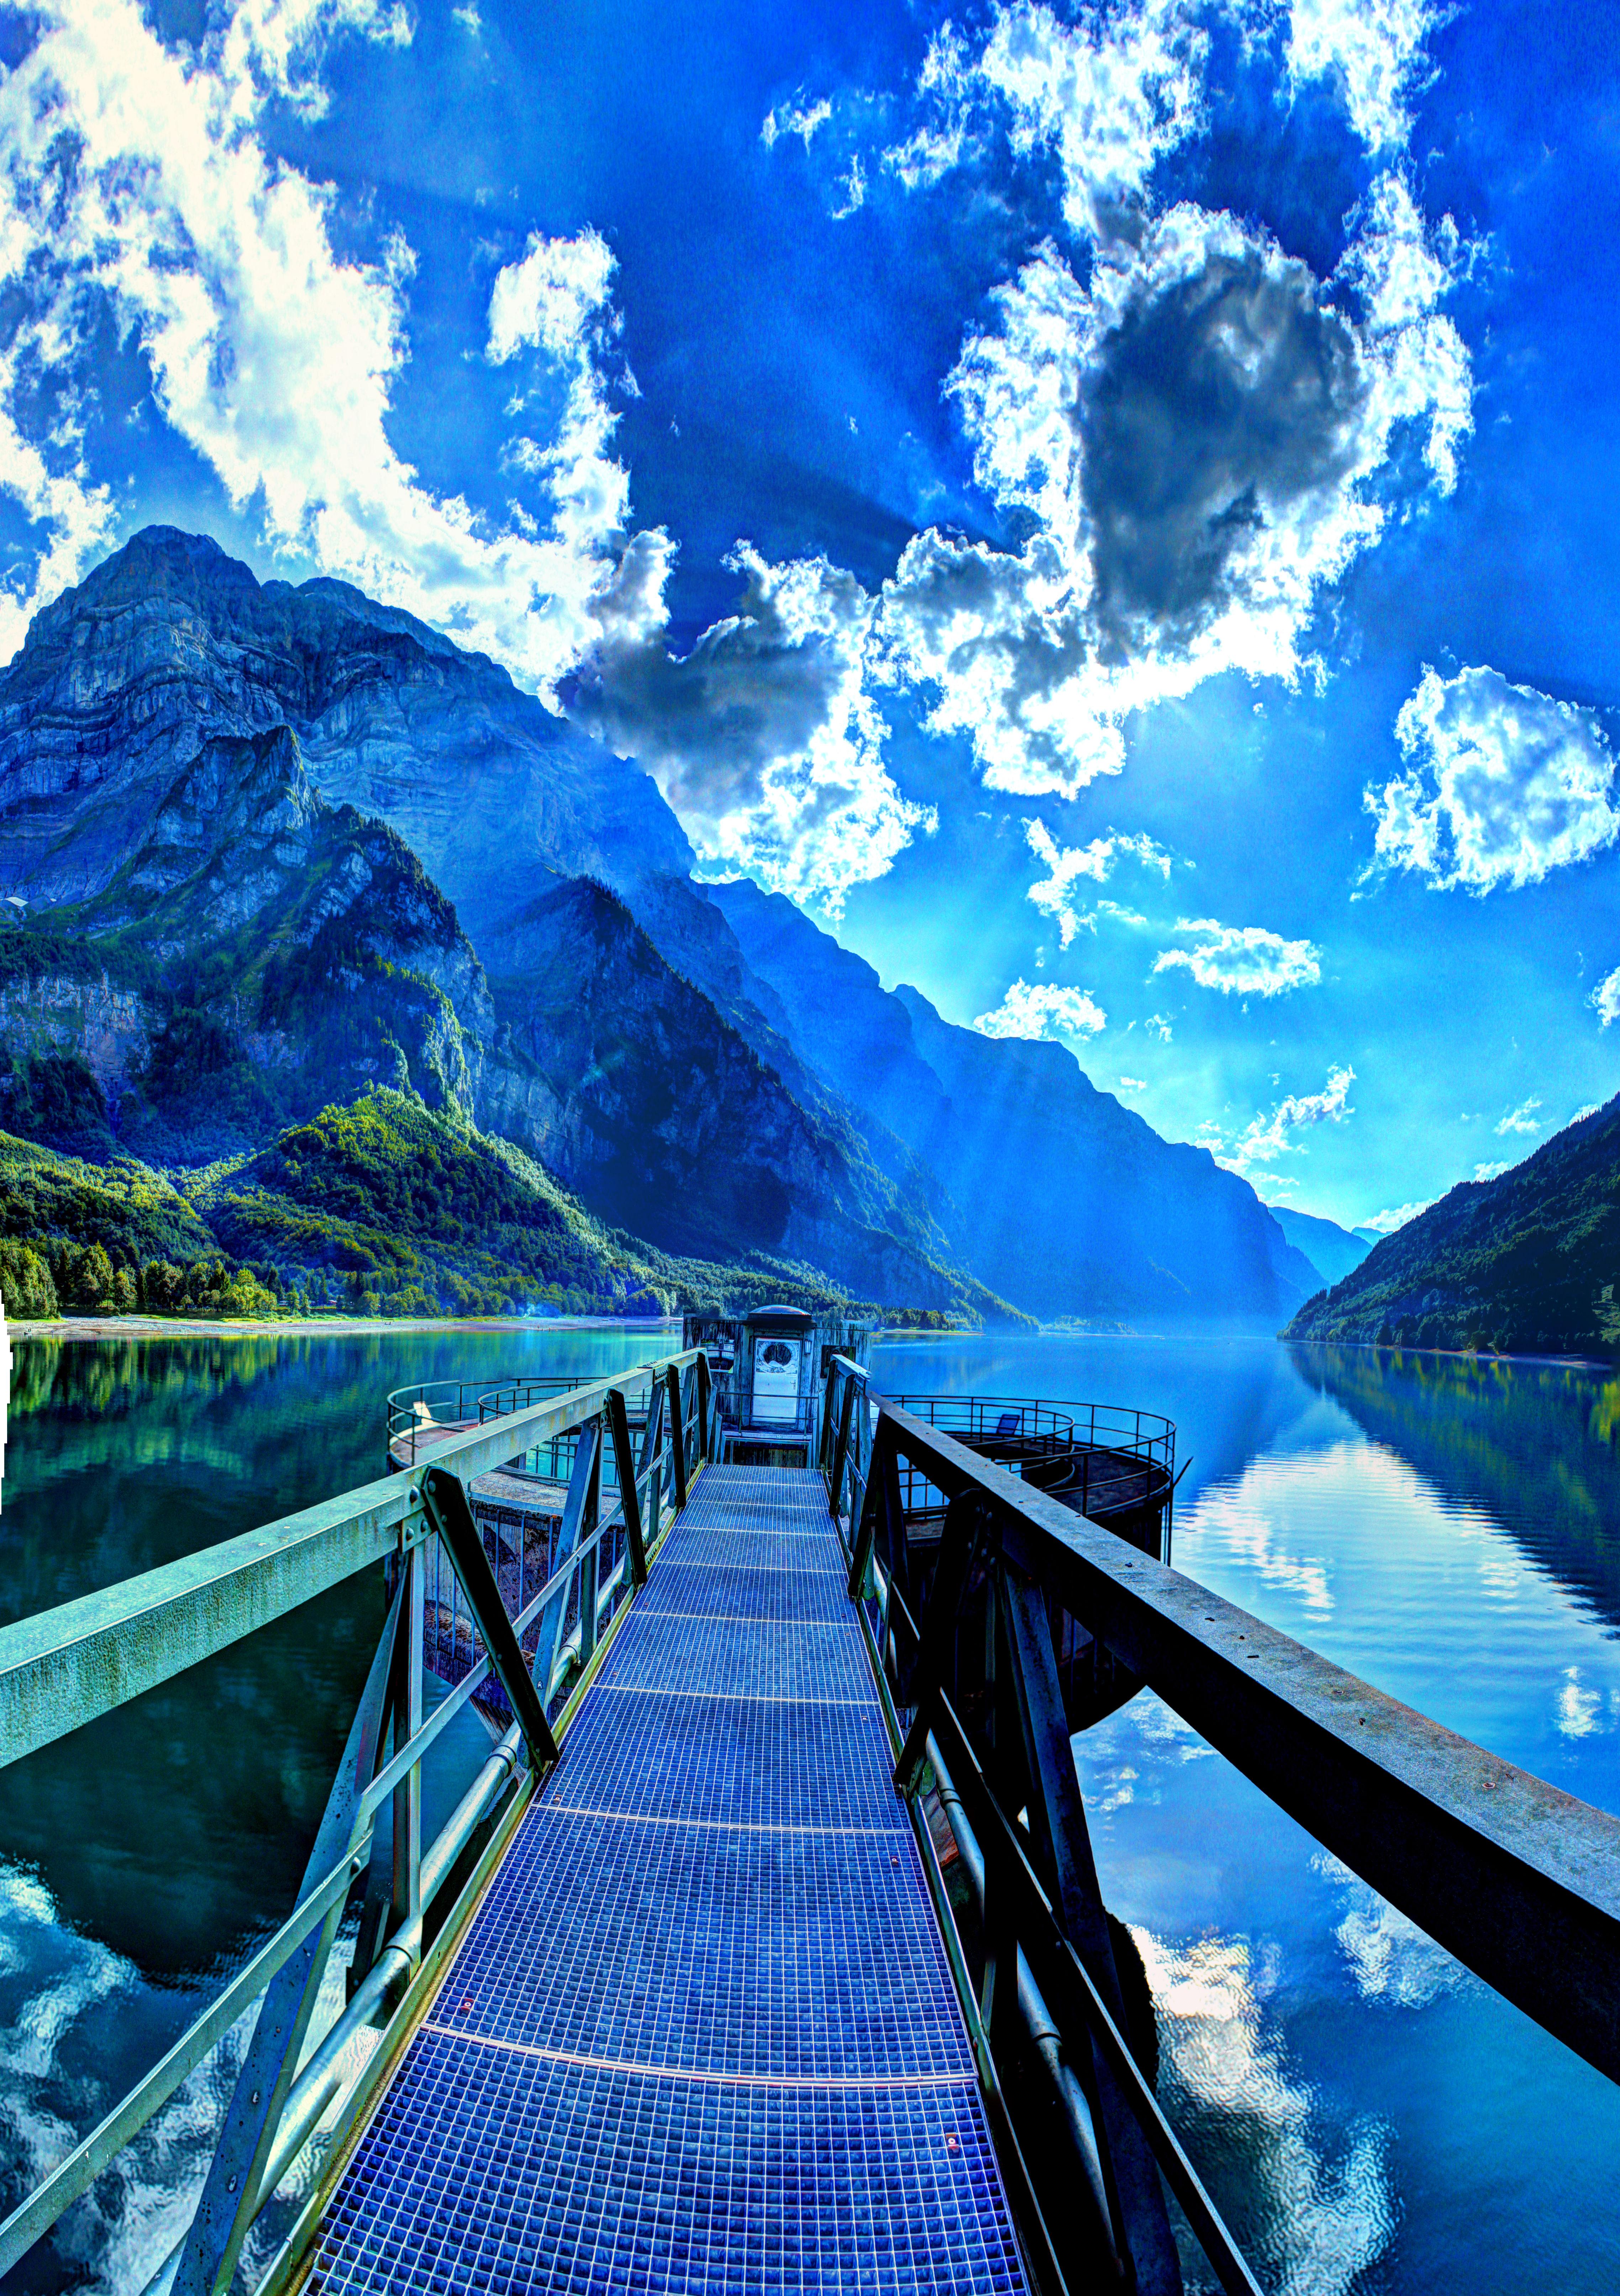 無料画像 空 太陽光 山脈 反射 フィヨルド クールな画像